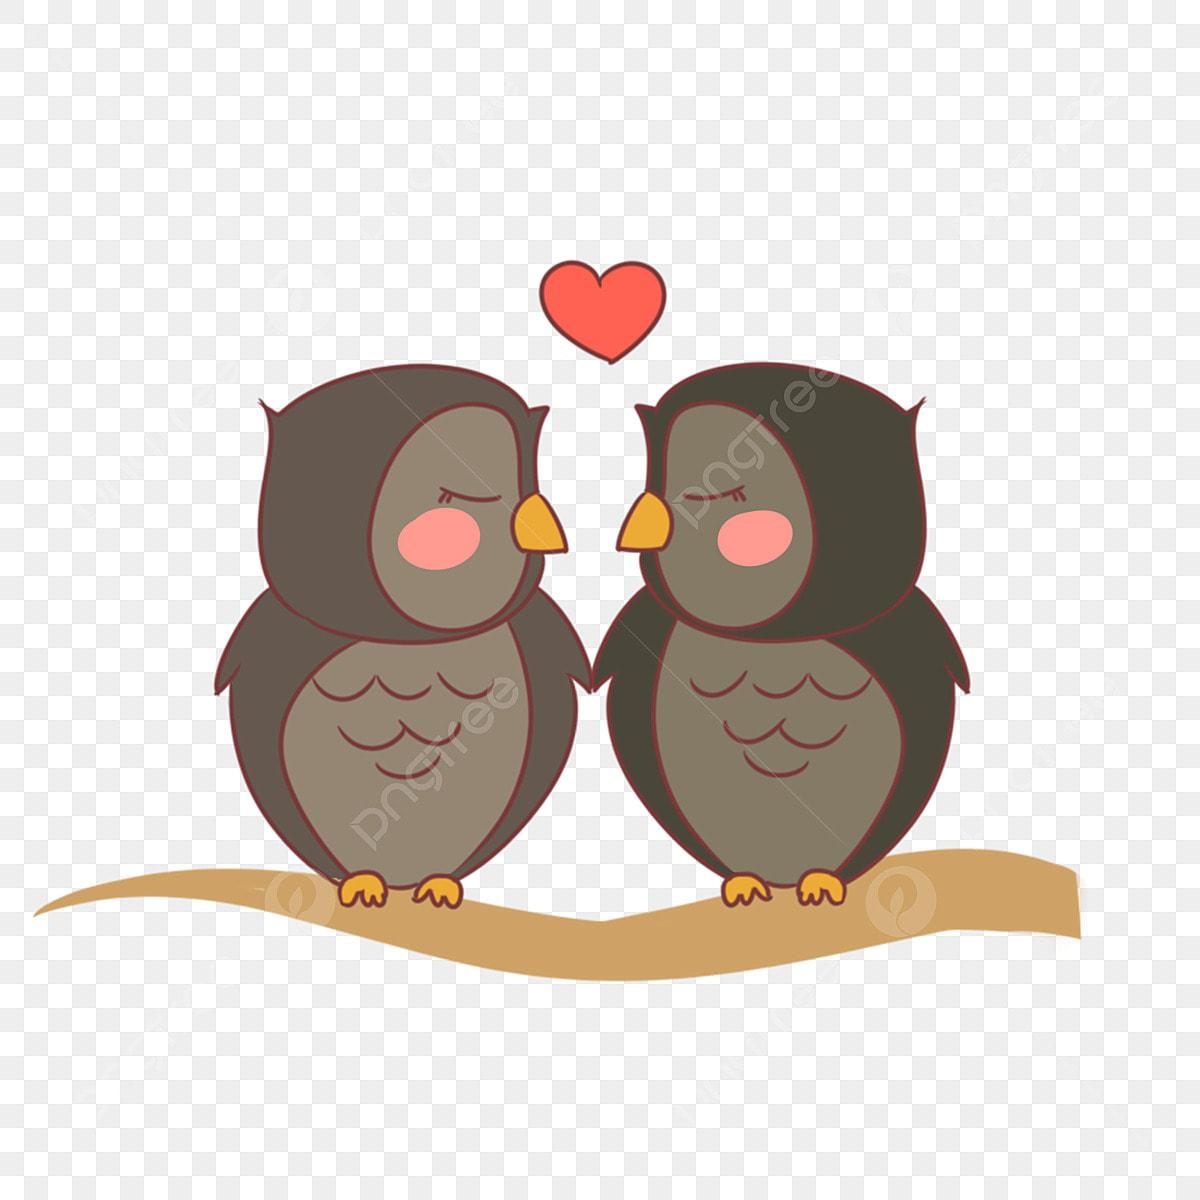 フクロウカップルイラスト ふくろう 落下フクロウ かわいいフクロウ 鳥 ふくろう 互いに愛し合う画像とpsd素材ファイルの無料ダウンロード Pngtree